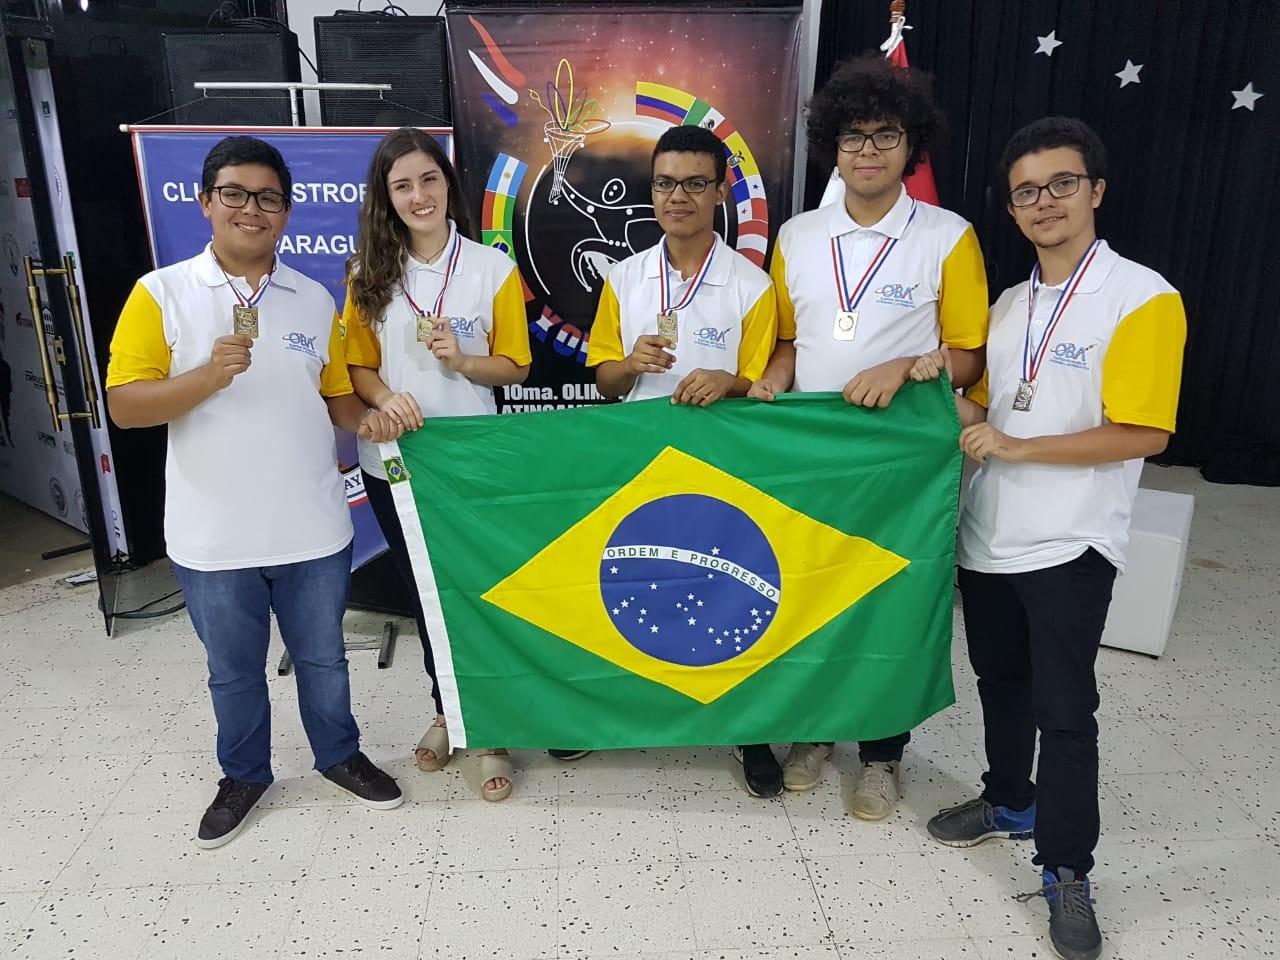 Jovens ganharam 5 medalhas na Olimpíada de Astronomia (Foto: Divulgação)